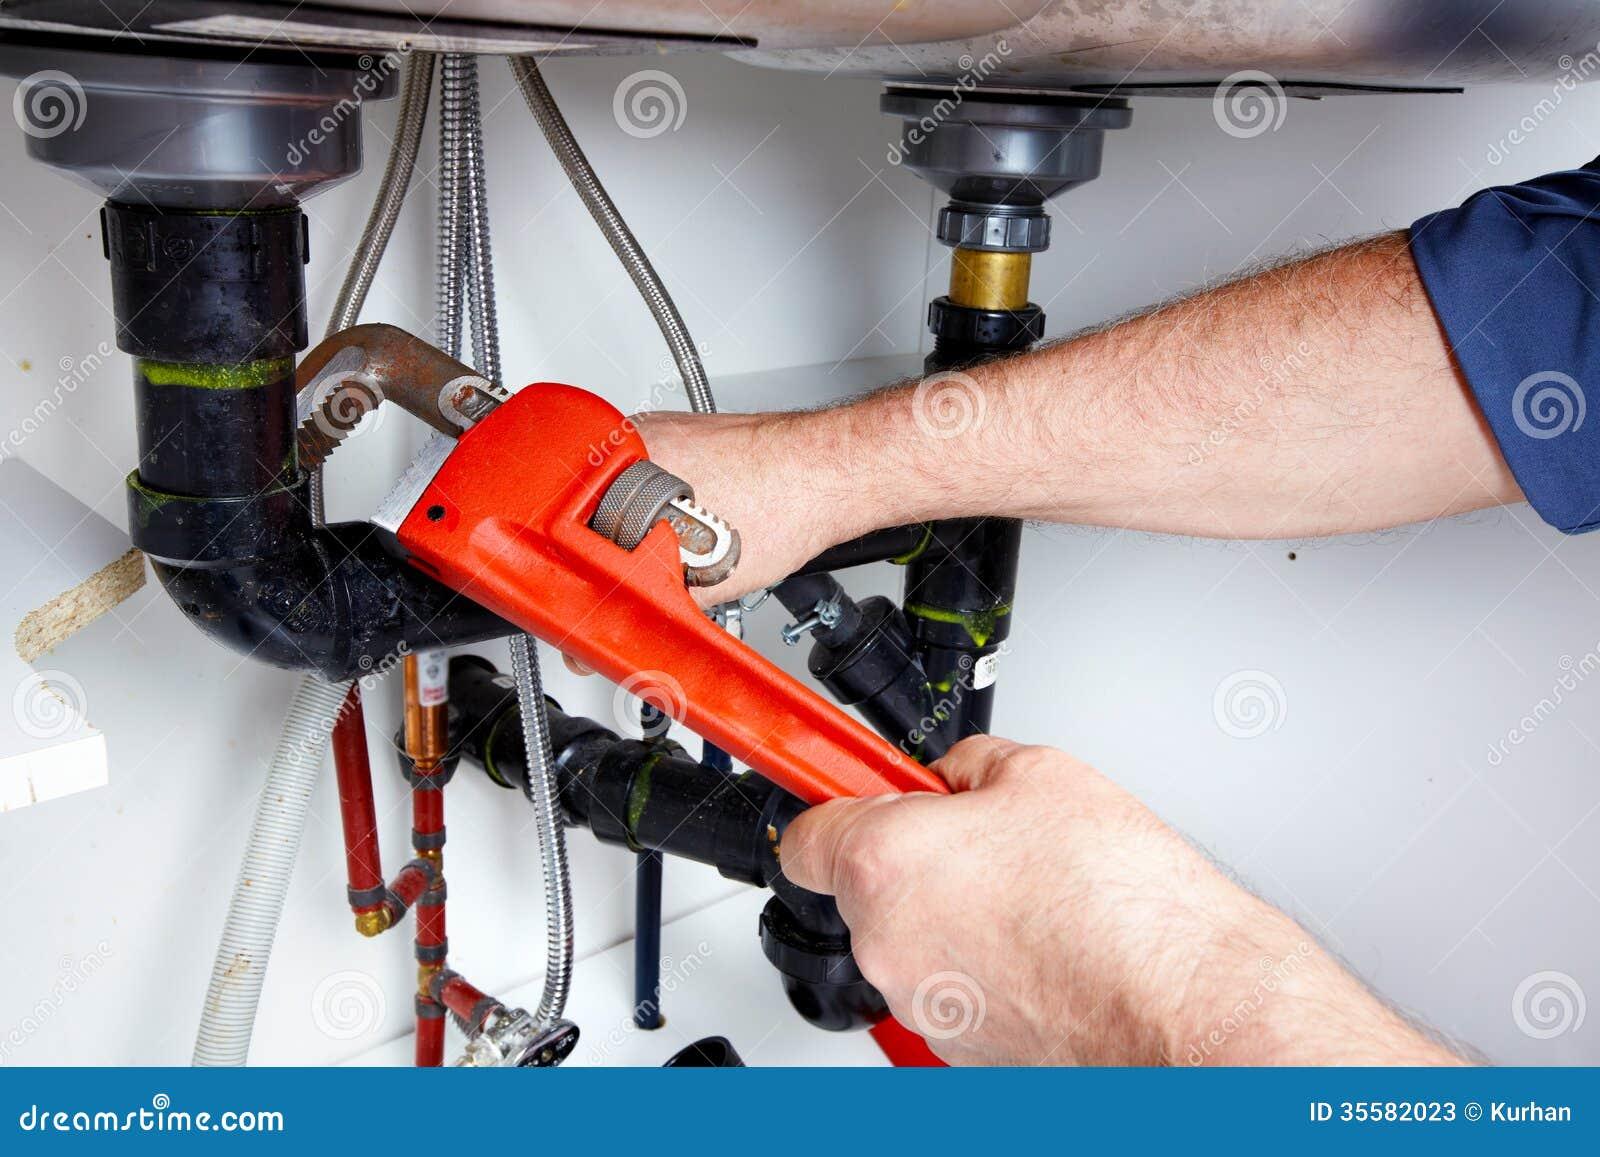 hands-plumber-wrench-35582023.jpg